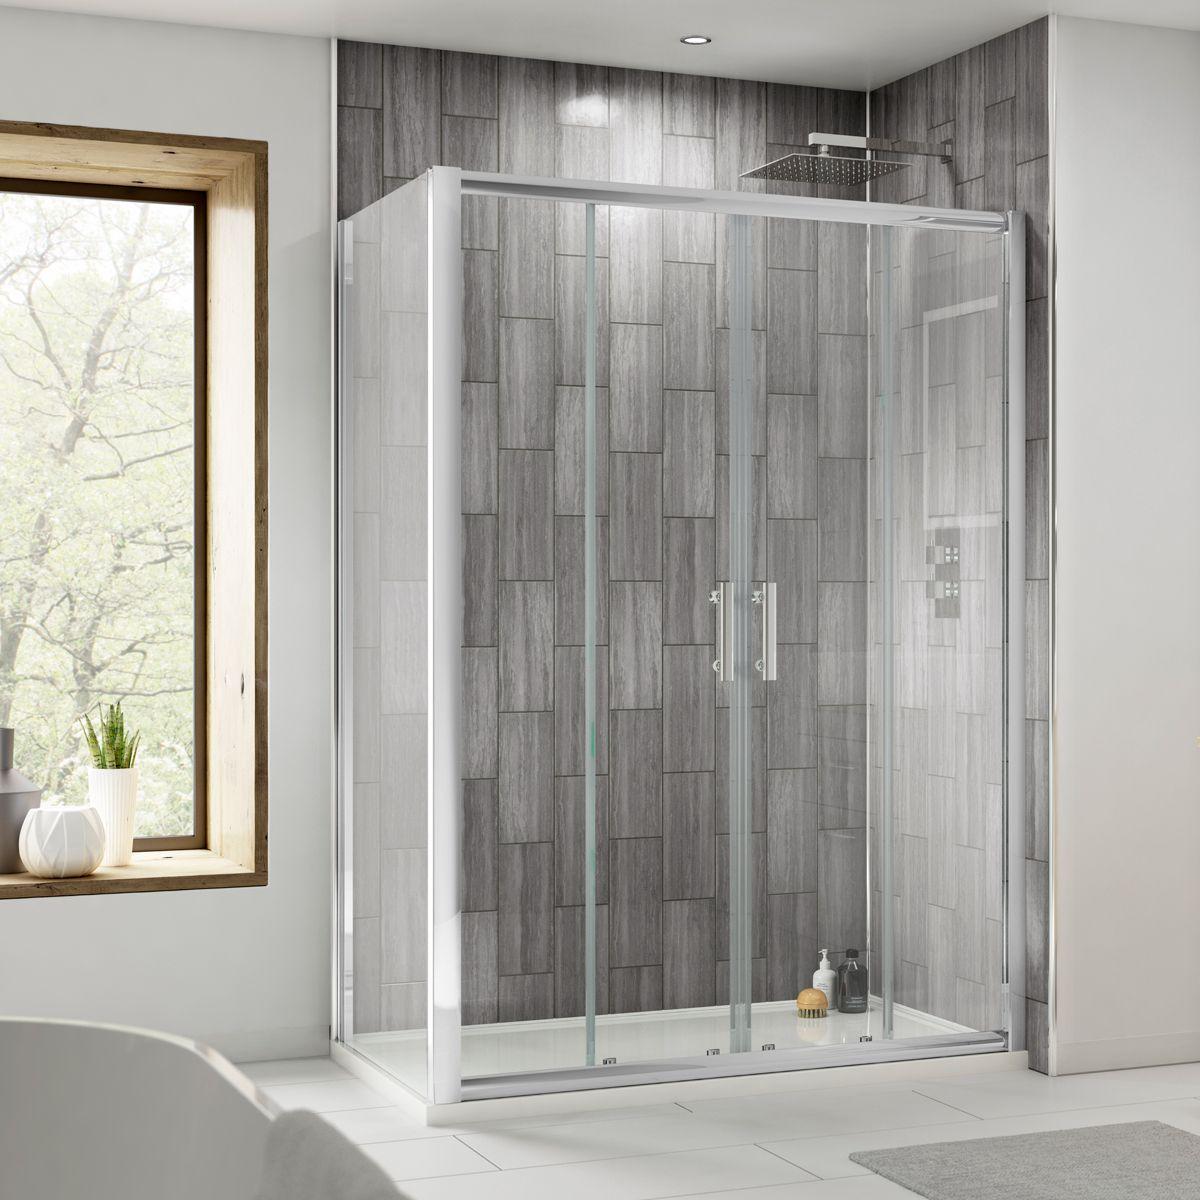 Premier Pacific Double Door Sliding Shower Enclosure